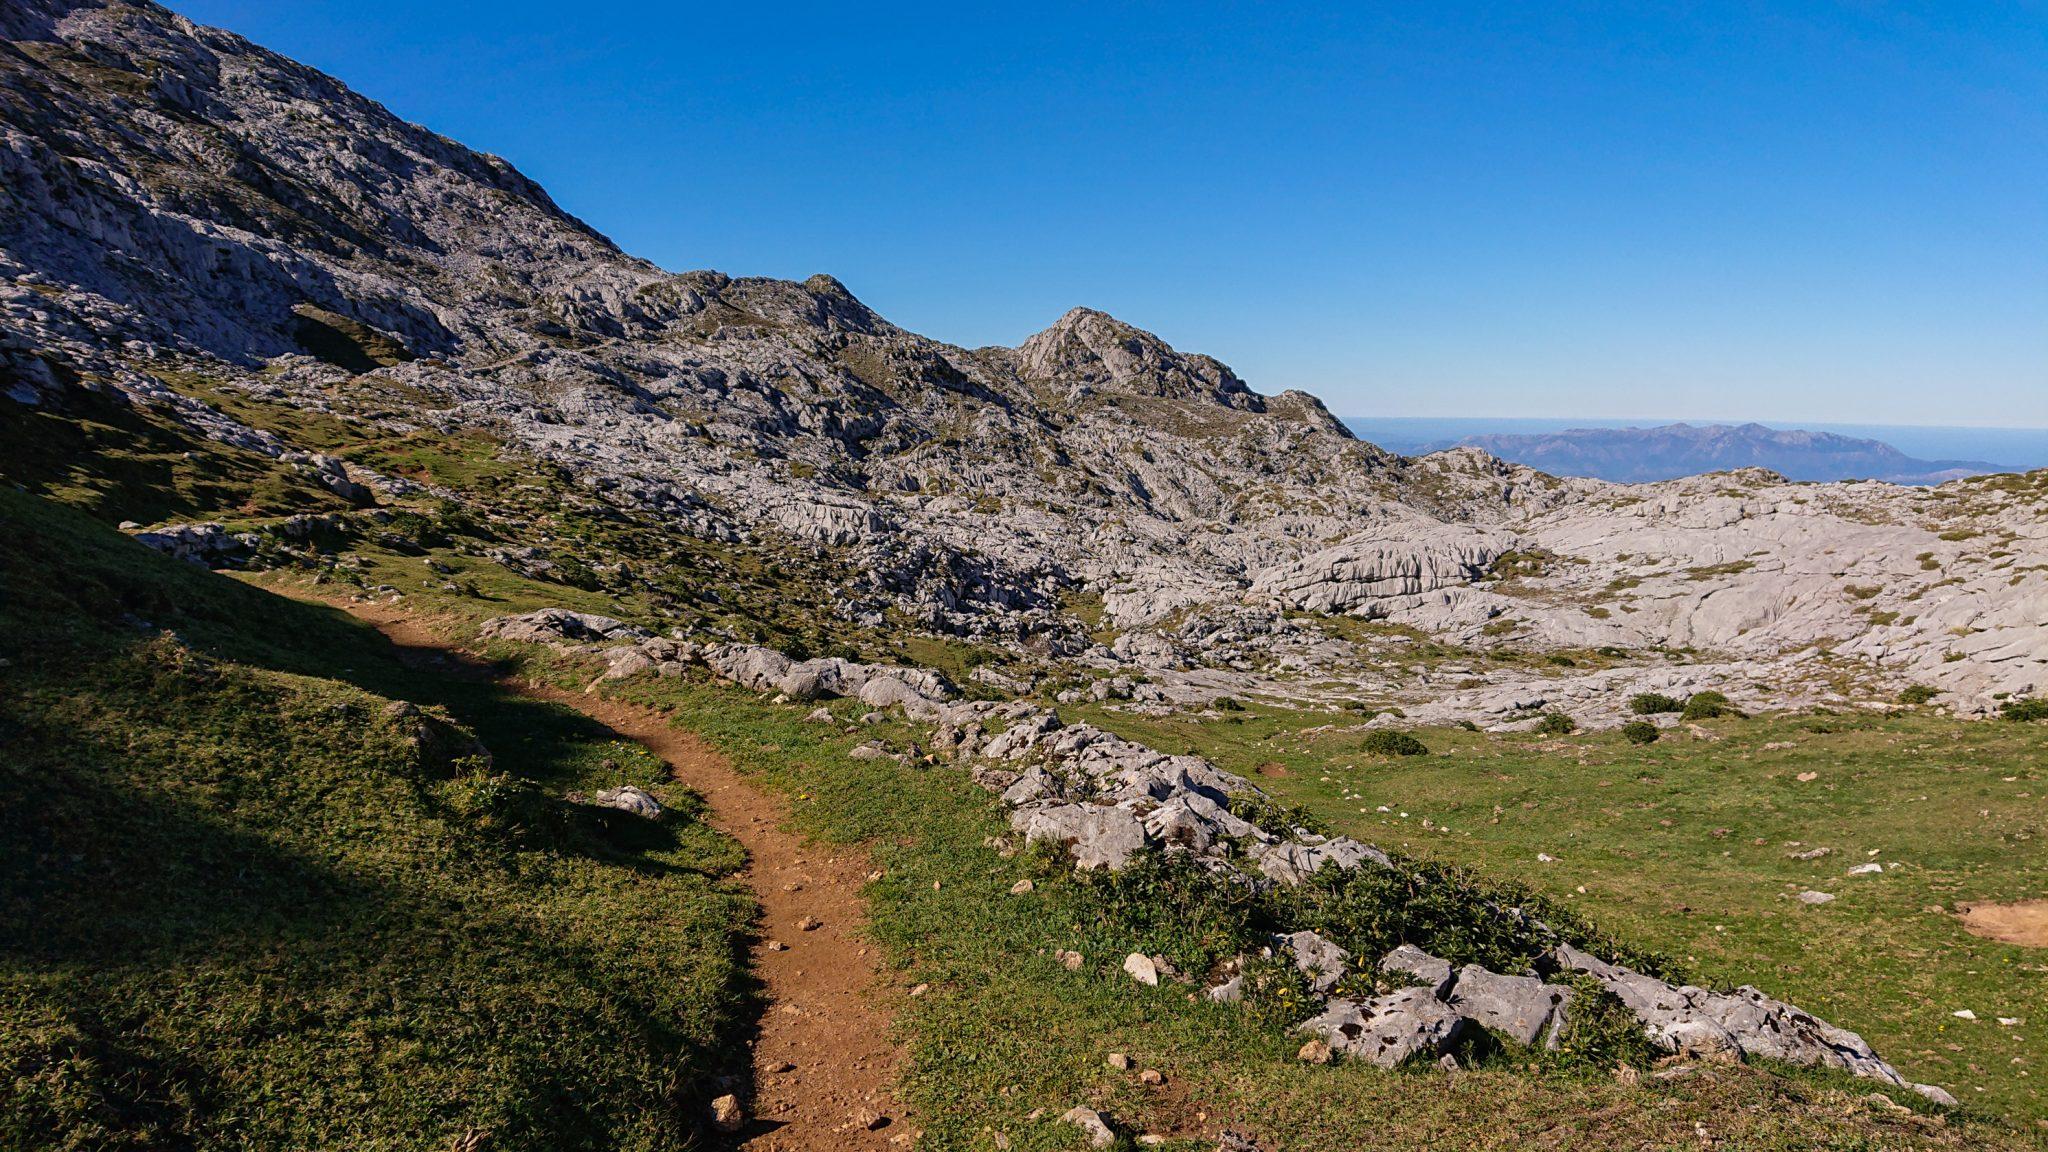 Wanderung Mirador de Ordiales Picos de Europa Spanien, schöner sehr schmaler und einsamer Wanderweg über Stock und Kieselstein, Bergregion